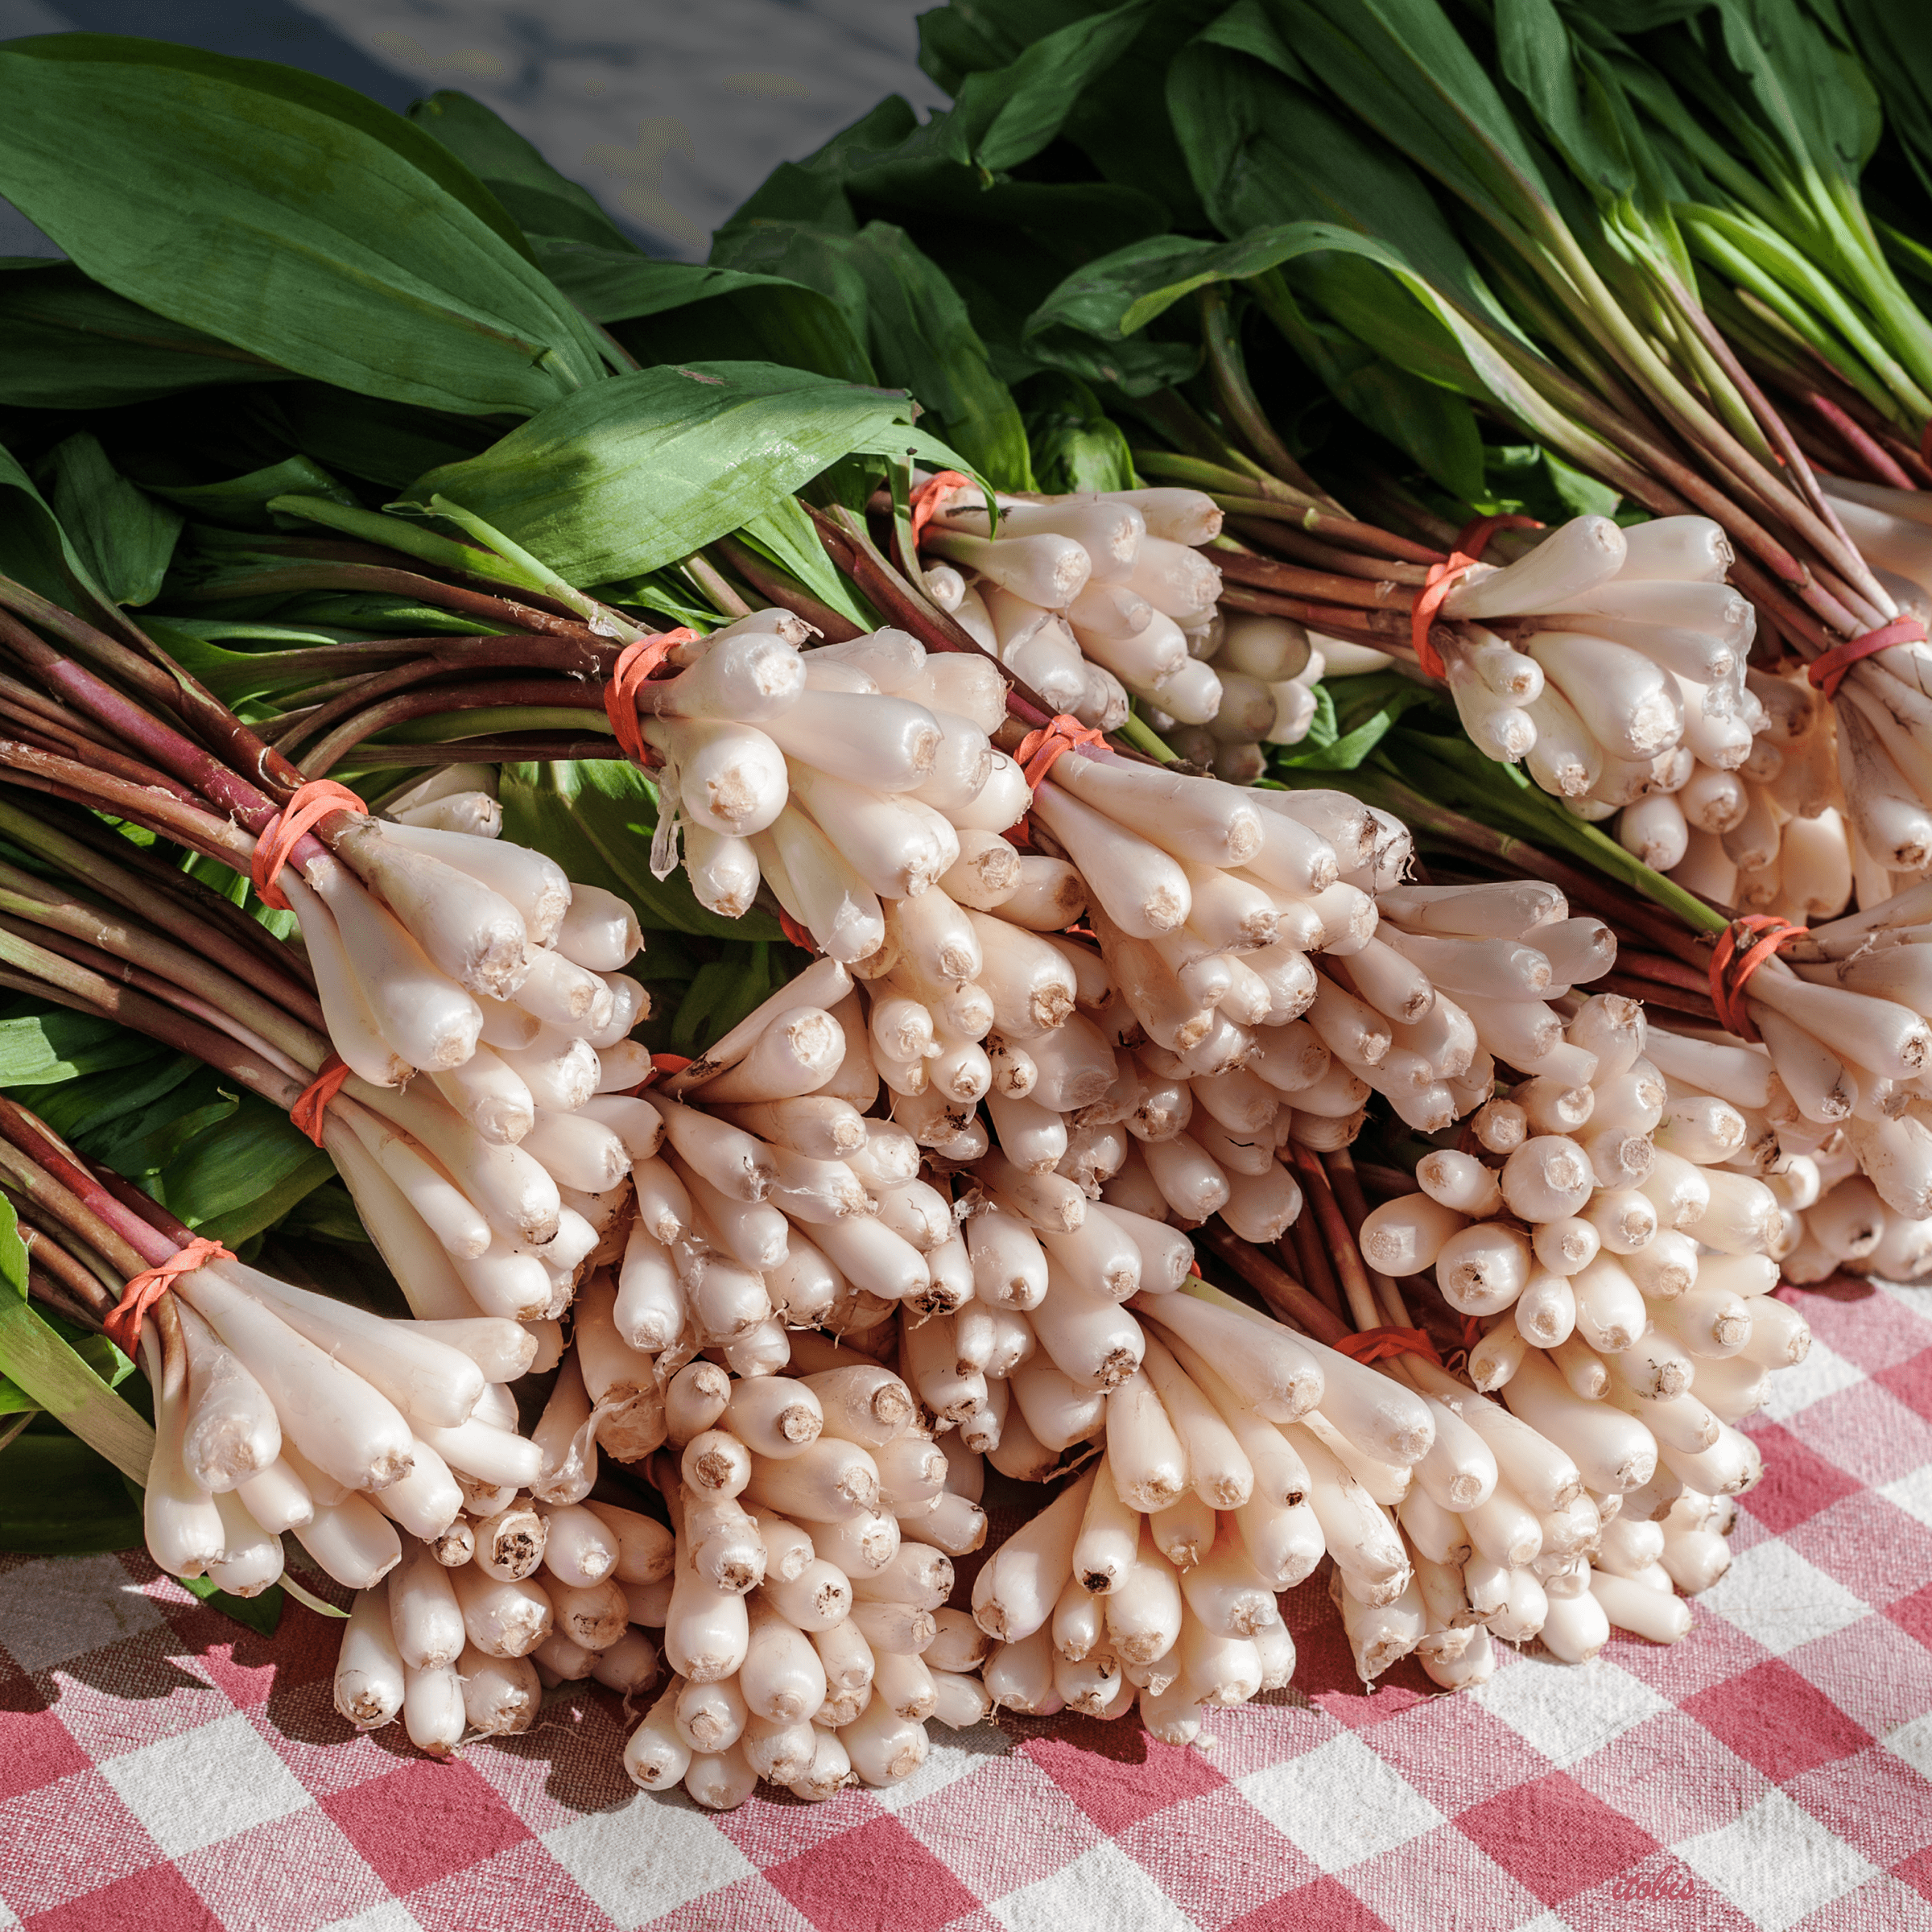 Wild Garlic at the Market - Just Farms - Ottawa Farmers' Market, Lansdowne Park, Ottawa, Ontario - photo by Irene Tobis